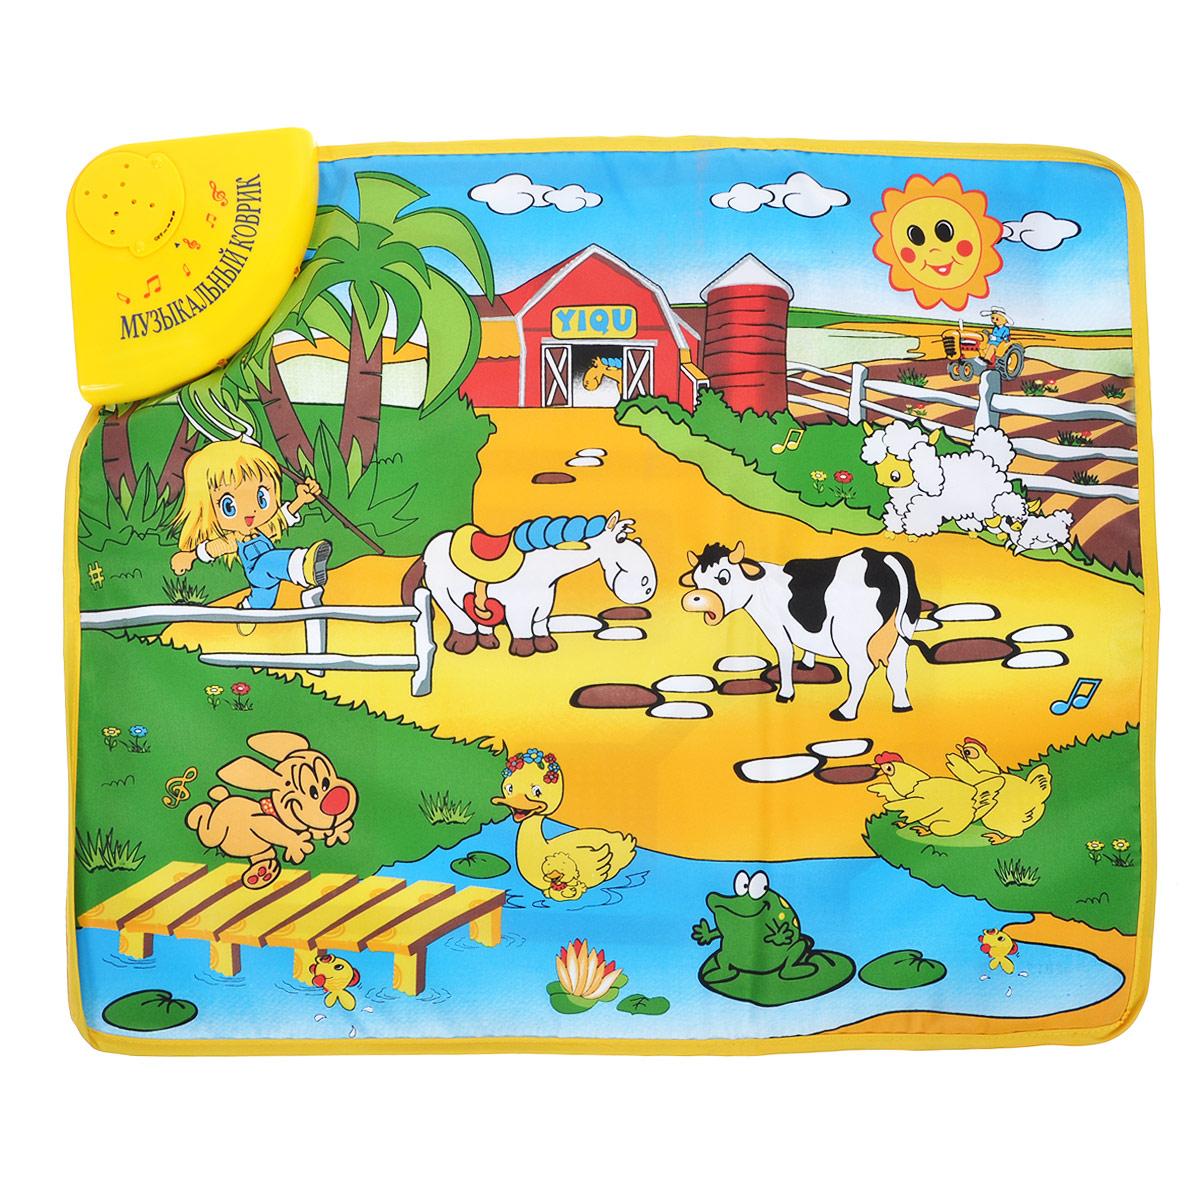 WSBD World Музыкальный развивающий коврик Веселая фермаI849050/YQ2951Мягкий развивающий коврик WSBD World Веселая ферма со световыми и звуковыми эффектами станет первой площадкой для игр вашего малыша. Яркий коврик выполнен из безопасных материалов и оформлен изображением красного домика, солнышка, девочки и забавных животных: овечек, лошадки, коровки, собачки, уточки с утенком, лягушки и курочек. При нажатии на изображения животных зазвучат издаваемые ими звуки, на изображение девочки - веселая песенка, на солнышко - приятная музыка, а нажав на красный домик, малыш услышит одну из 10 мелодий. Во время звучания подсвечиваются лампочки в нижней части звуковой панели. Такая уютная, красивая и в то же время многофункциональная окружающая обстановка идеально подходит для динамичного полноценного развития ребенка. Коврик легко складывается и удобен для хранения и перемещения. Коврик WSBD World Веселая ферма поможет малышу развить тактильное, звуковое и цветовое восприятия, воображение, концентрацию внимания, координацию движений...